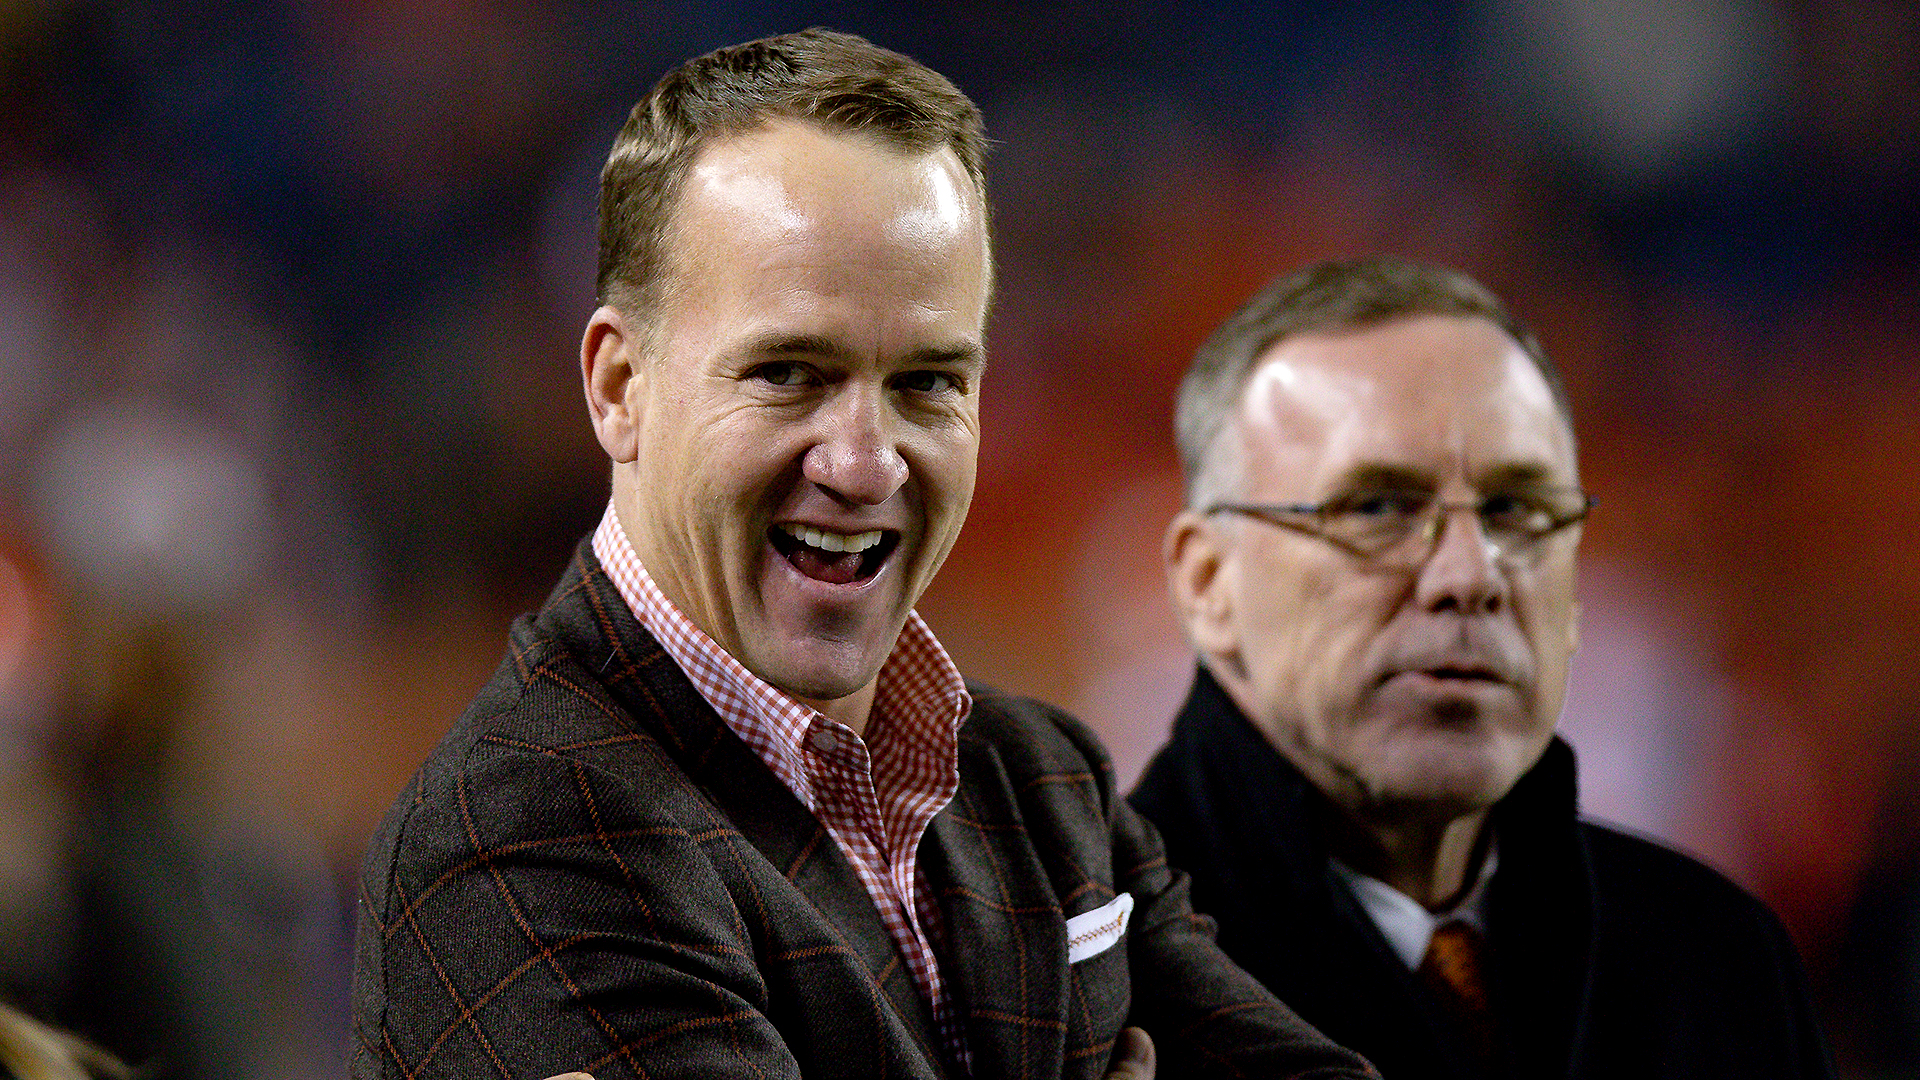 ¿La estrategia de Peyton Manning para robar secretos de la NFL? Emborracha a los jugadores en el Pro Bowl, aparentemente 14